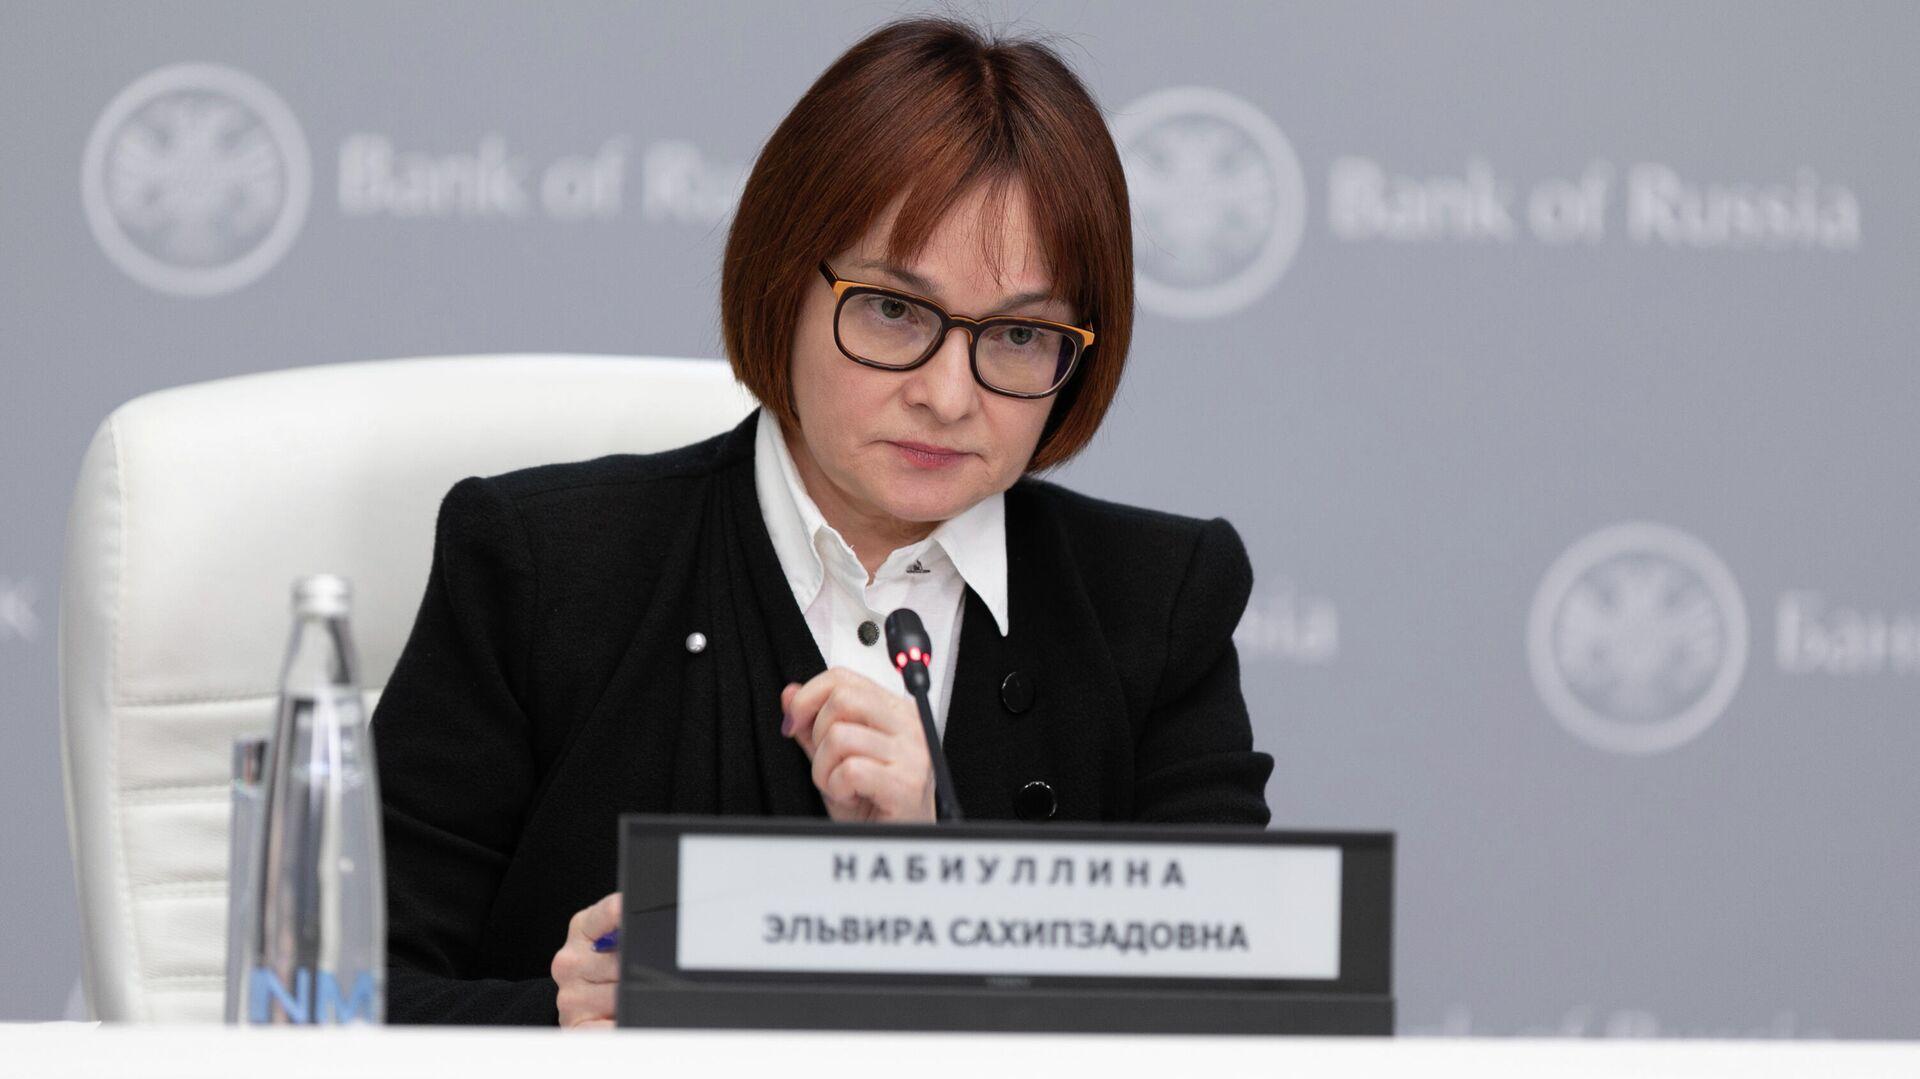 Председатель Центрального банка РФ Эльвира Набиуллина - РИА Новости, 1920, 18.02.2021